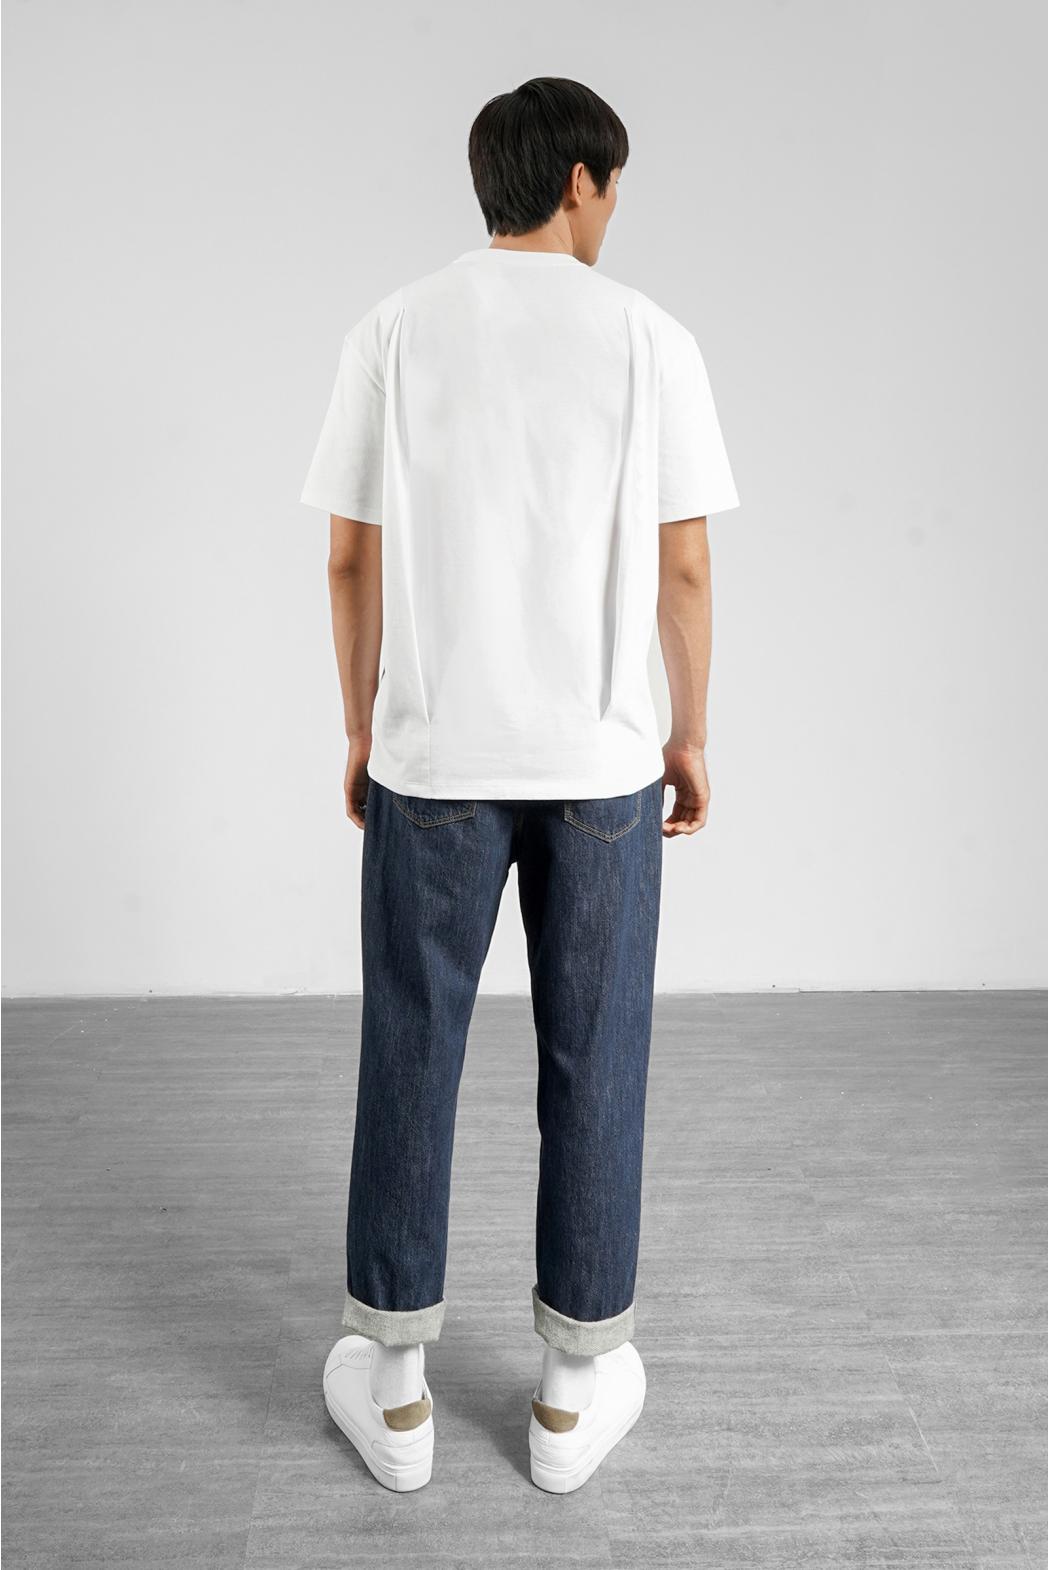 Áo thun tay ngắn, túi trước xéo. LOOSE form - 10S21TSH007